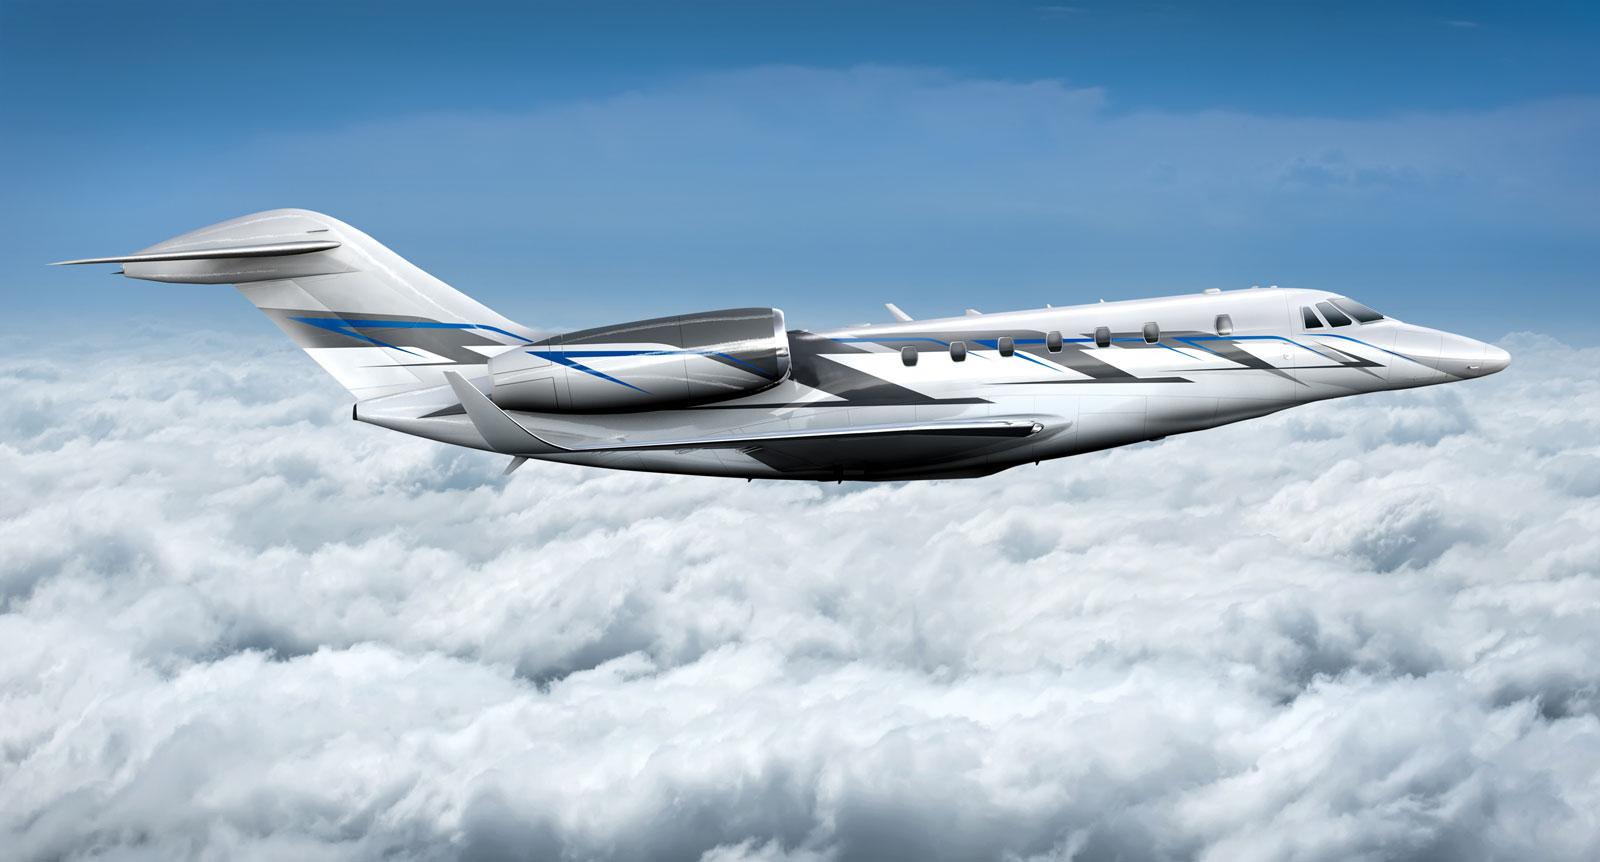 Cessna Announces Citation Ten Advanced Version Of The Citation X